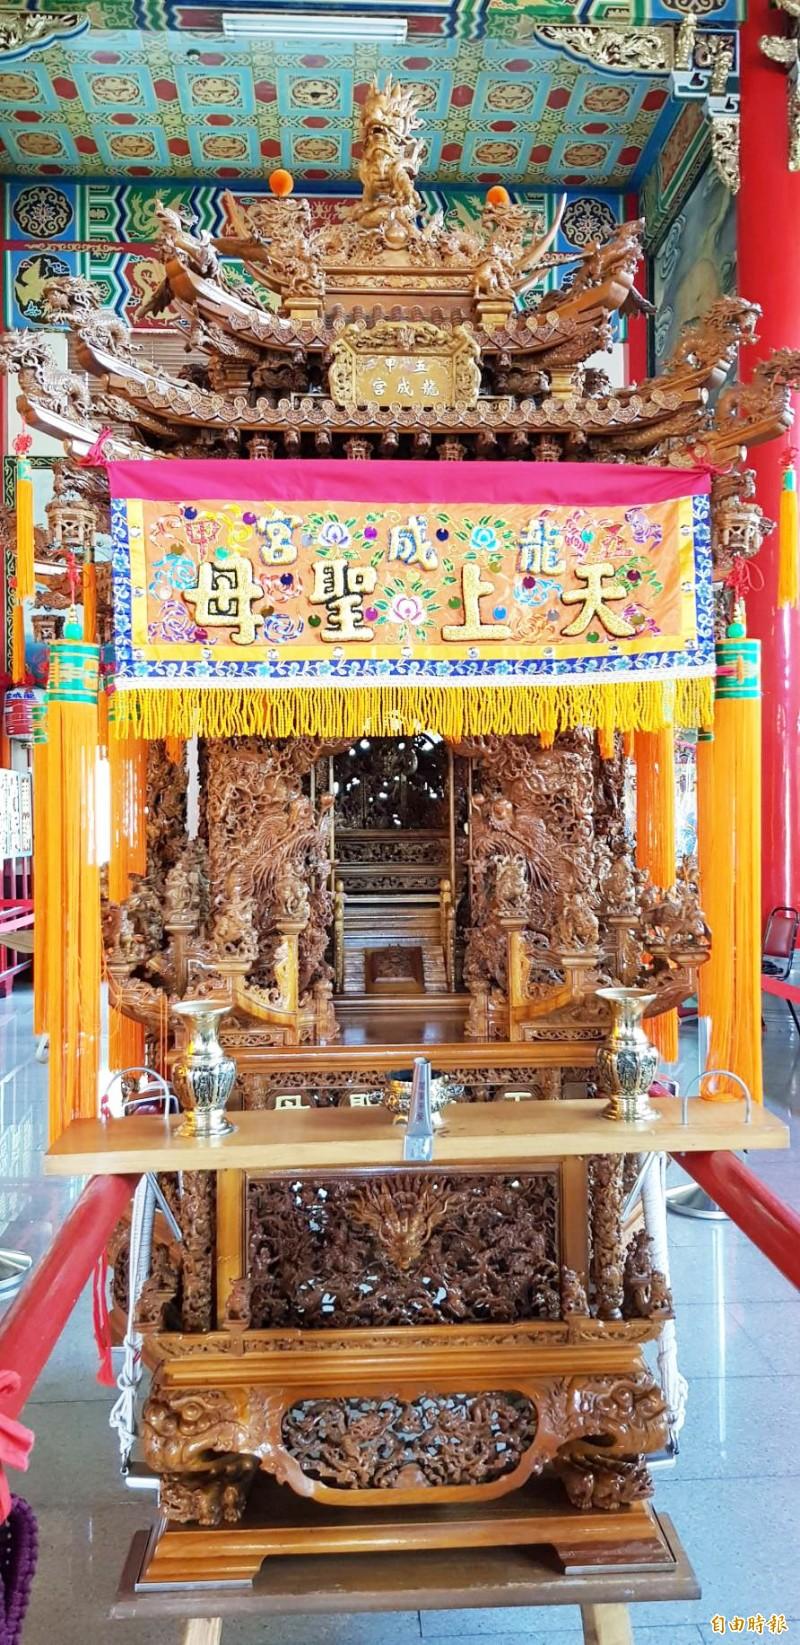 五甲龍成宮打造手工木雕媽祖神轎重達7000斤,出動百名辣妹扛媽祖遶境。(記者陳文嬋攝)